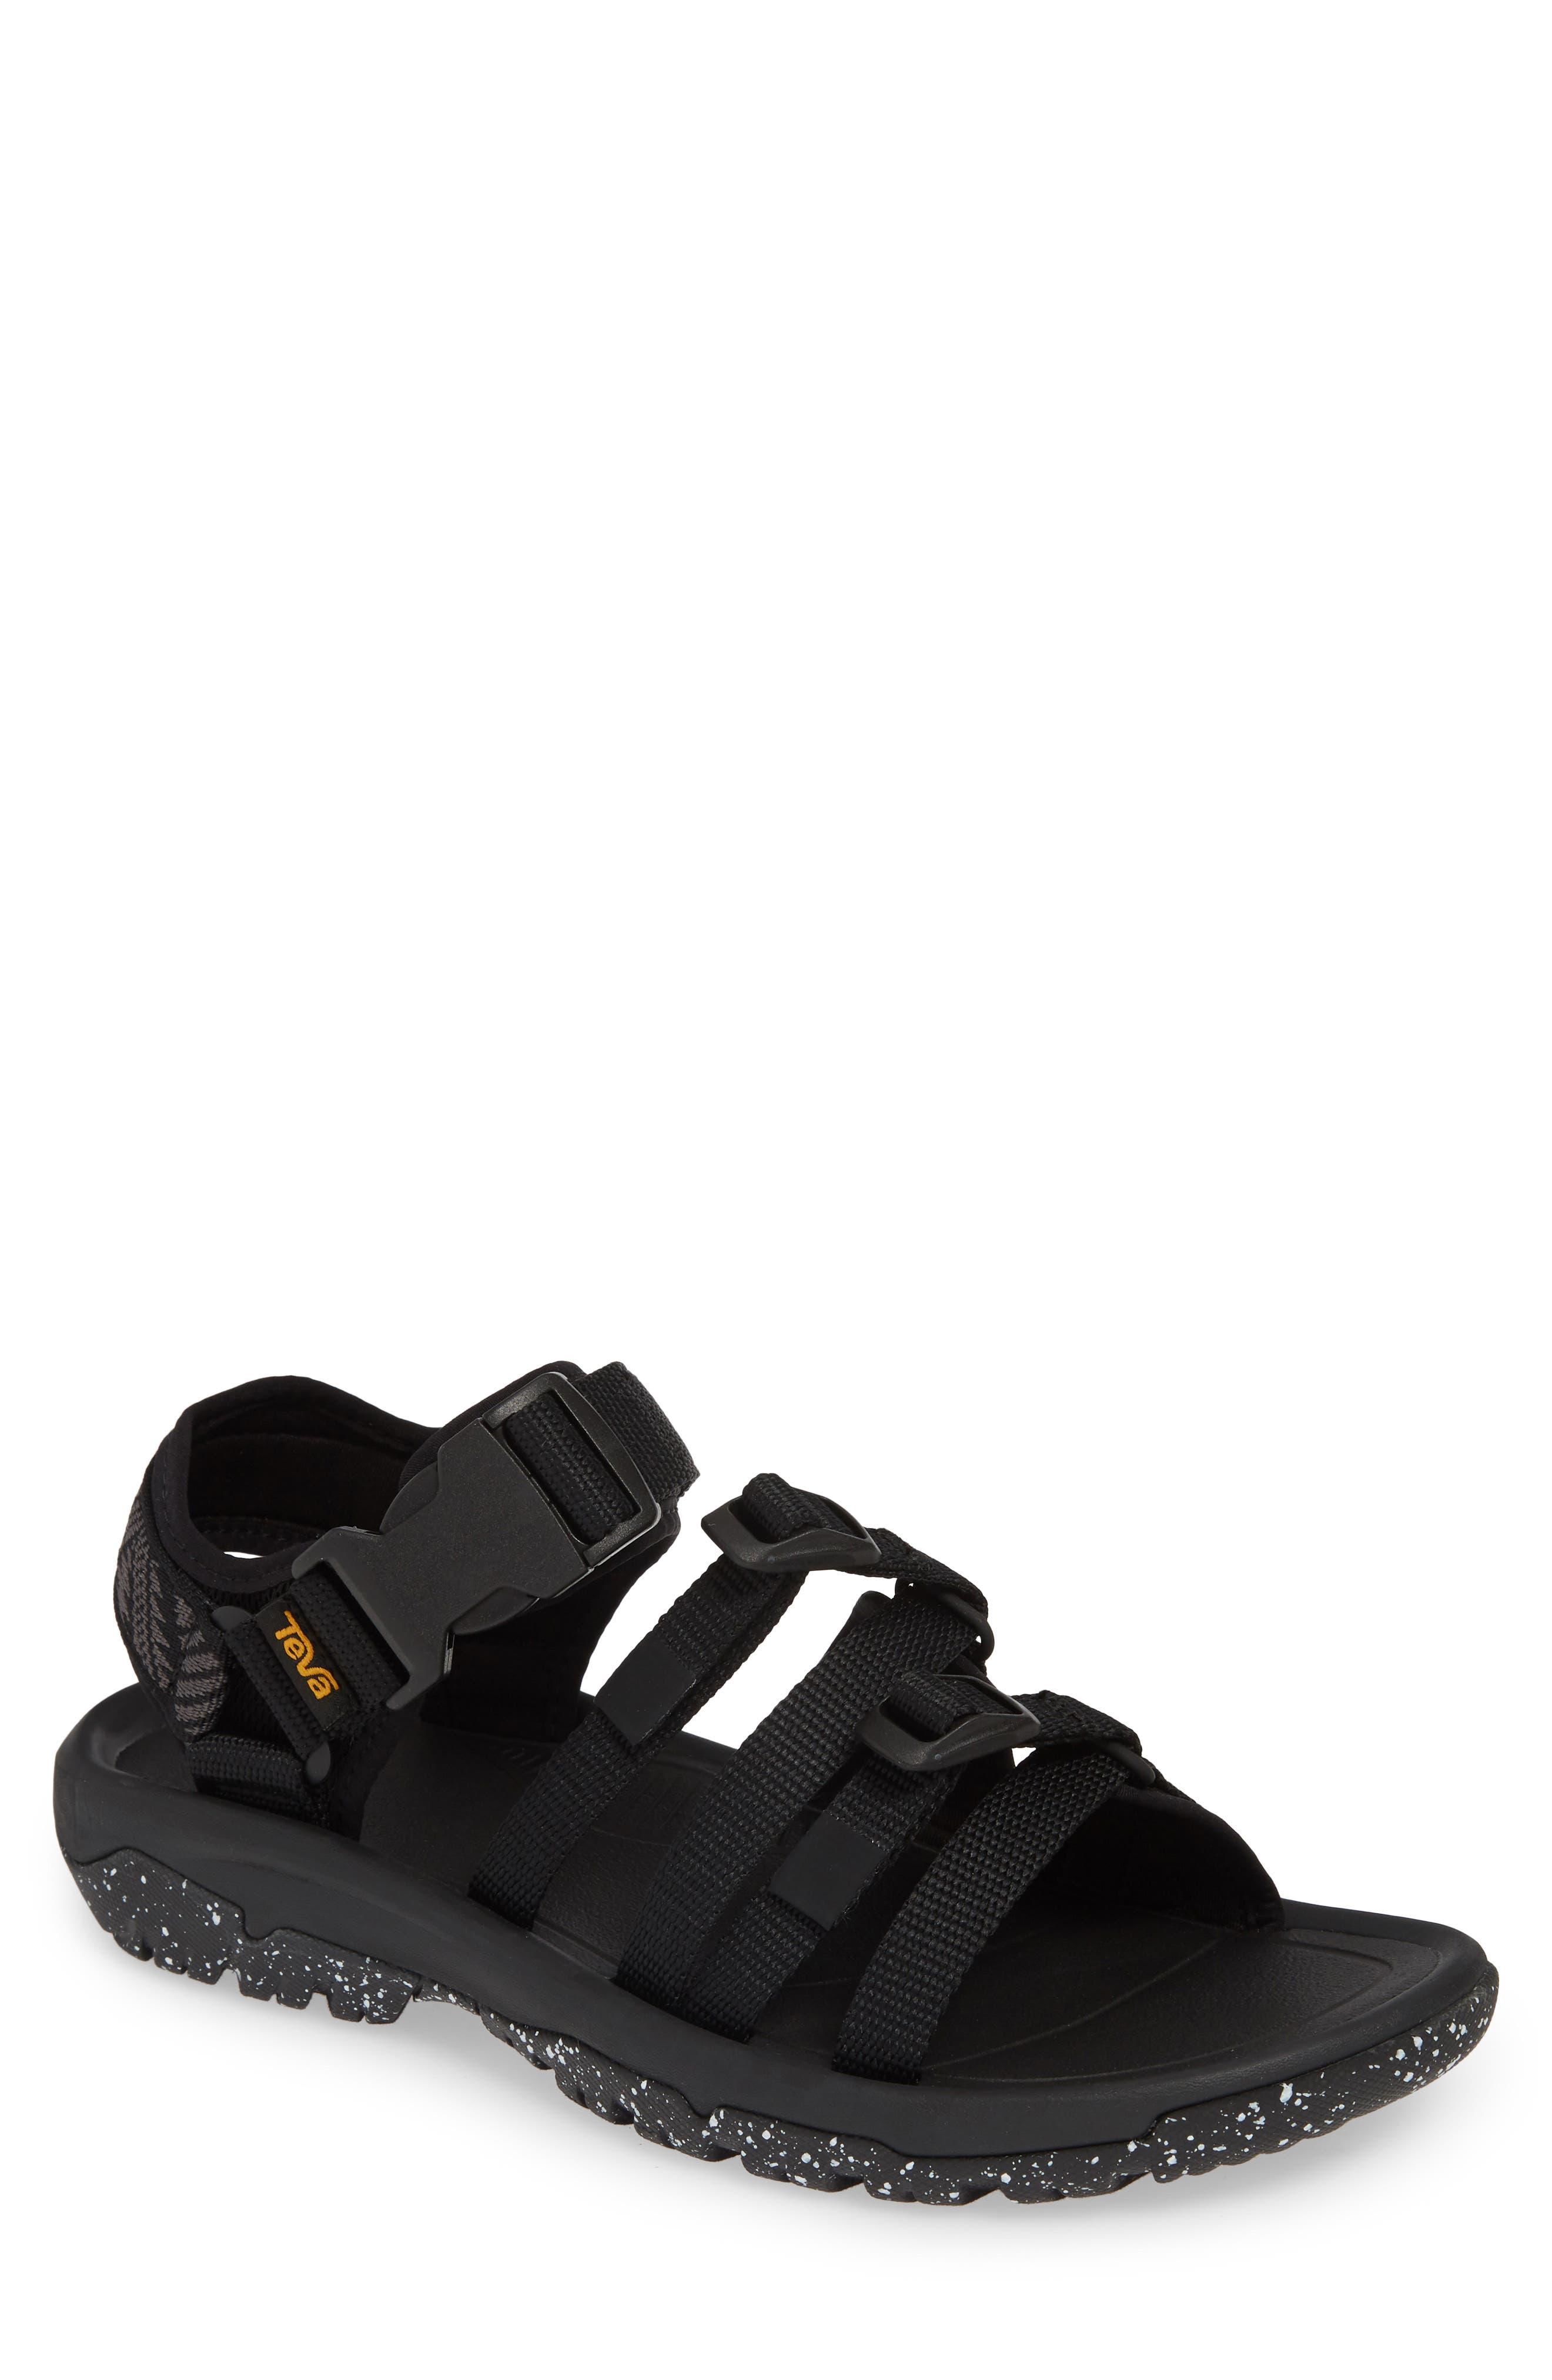 23d0c907ff96 Men s Teva Sandals